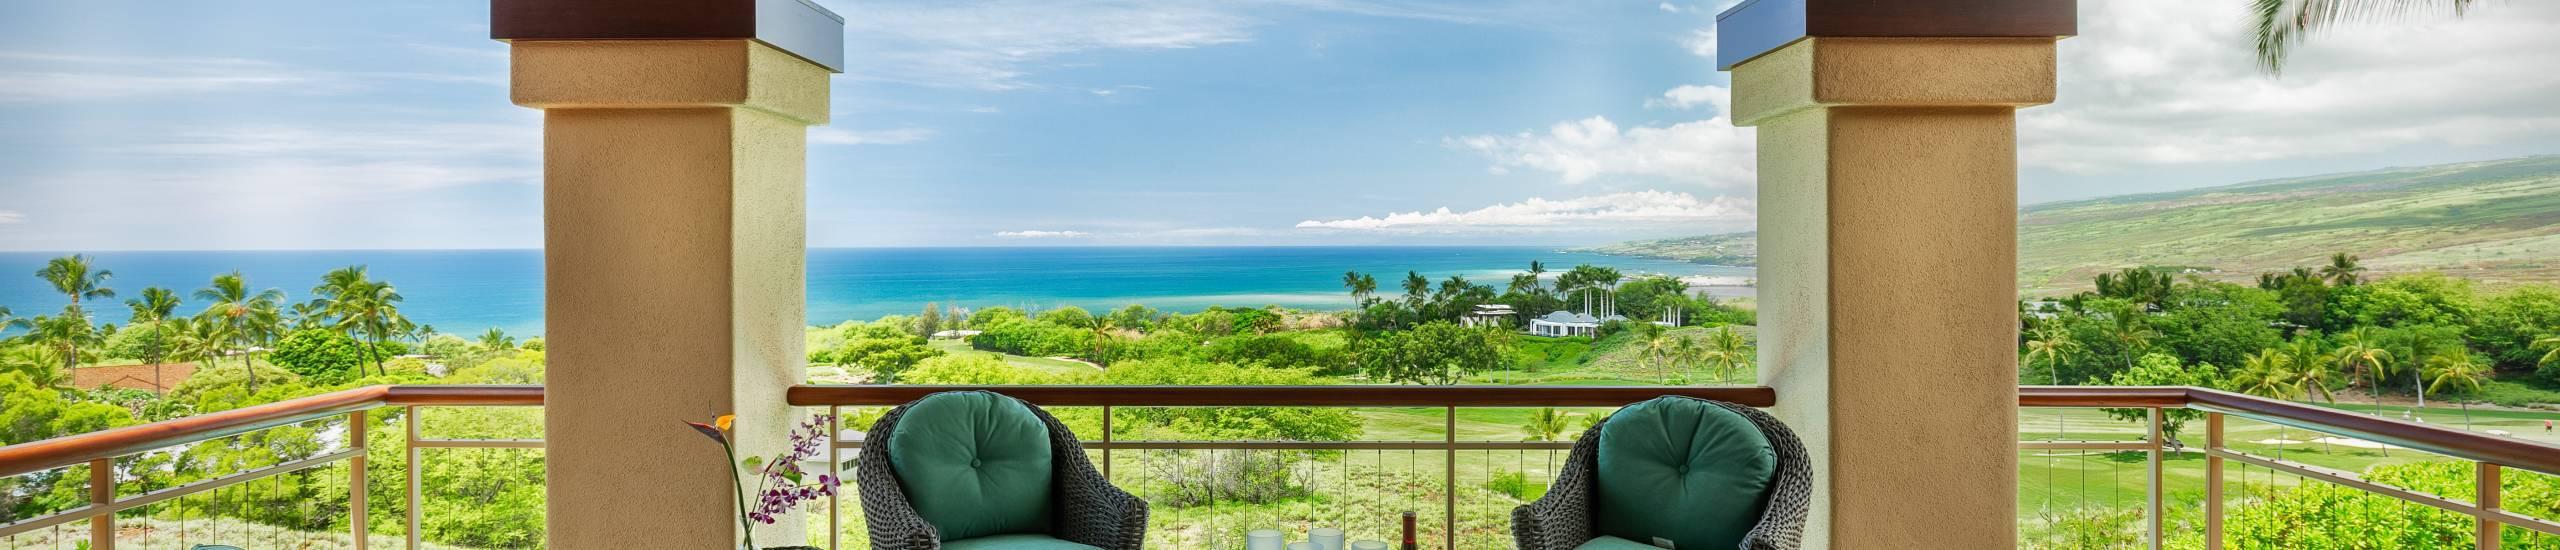 Mauna Kea Private Home Lanai View